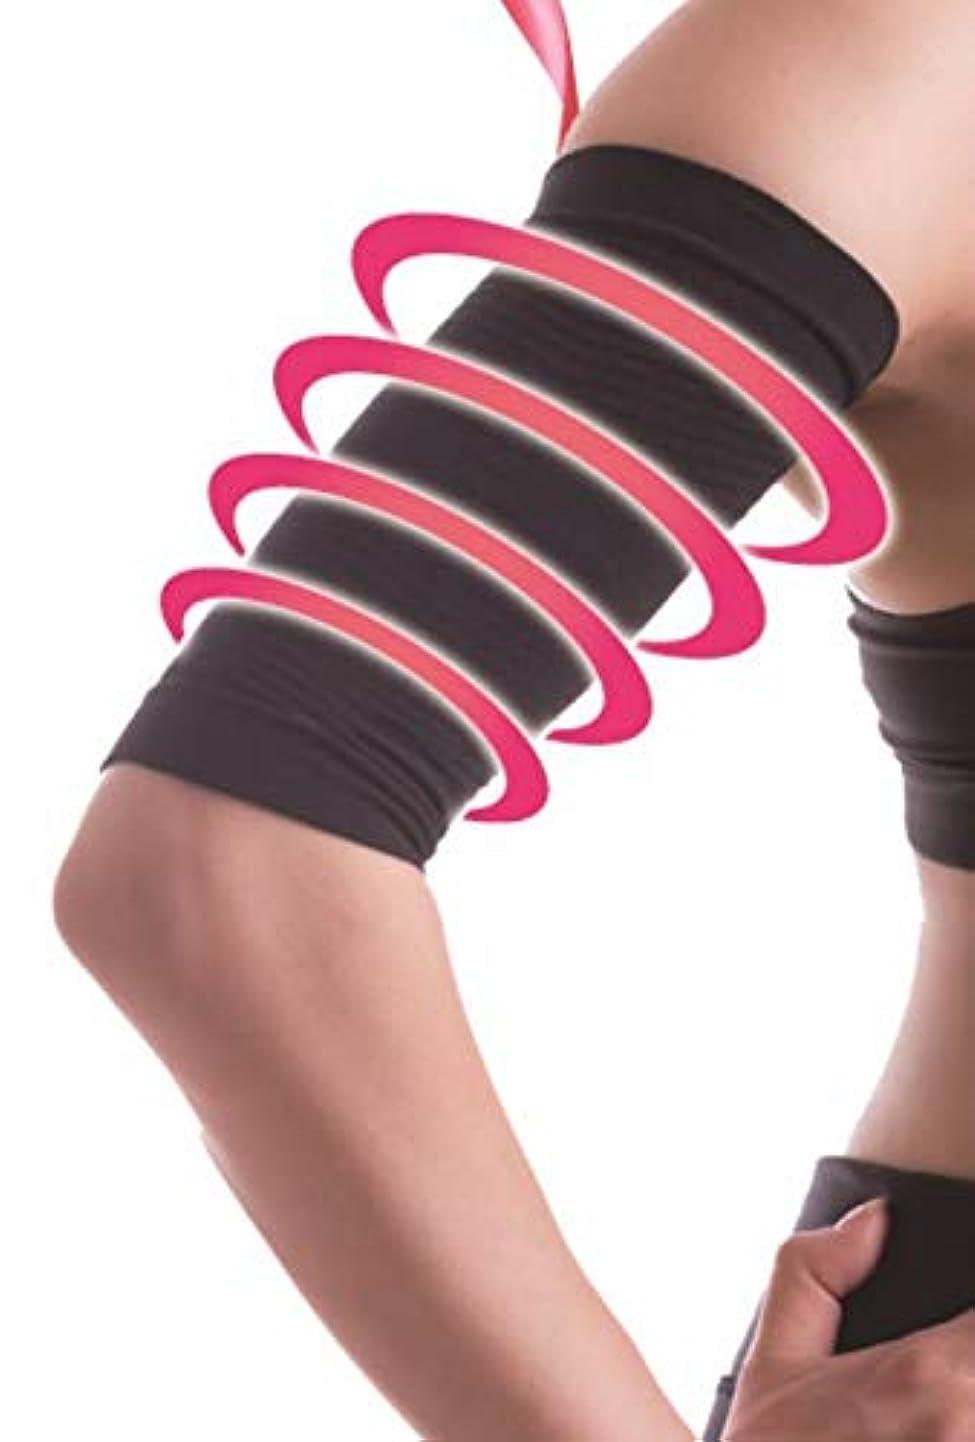 ウィンクスライムセールスマン【公式】Vinel arm shaper ヴィーネルアームシェイパー 寝ながら二の腕ダイエット 二の腕痩せ 加圧 着圧 下着 ブラック (黒, フリー(腕回り20-35)) (6)